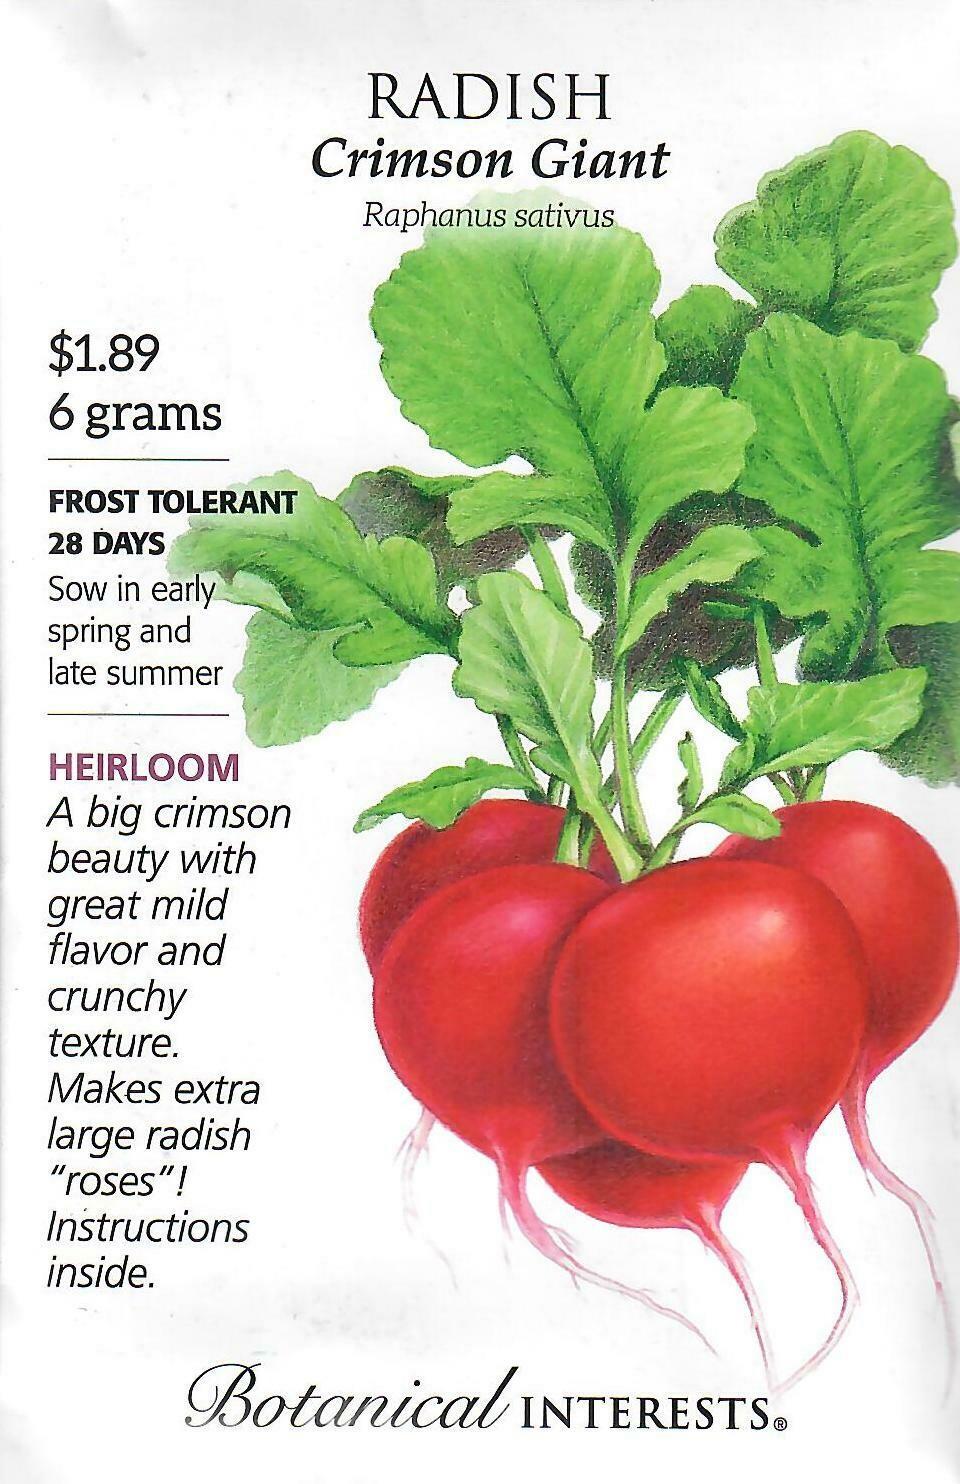 Radish Crimson Giant Botanical Interests